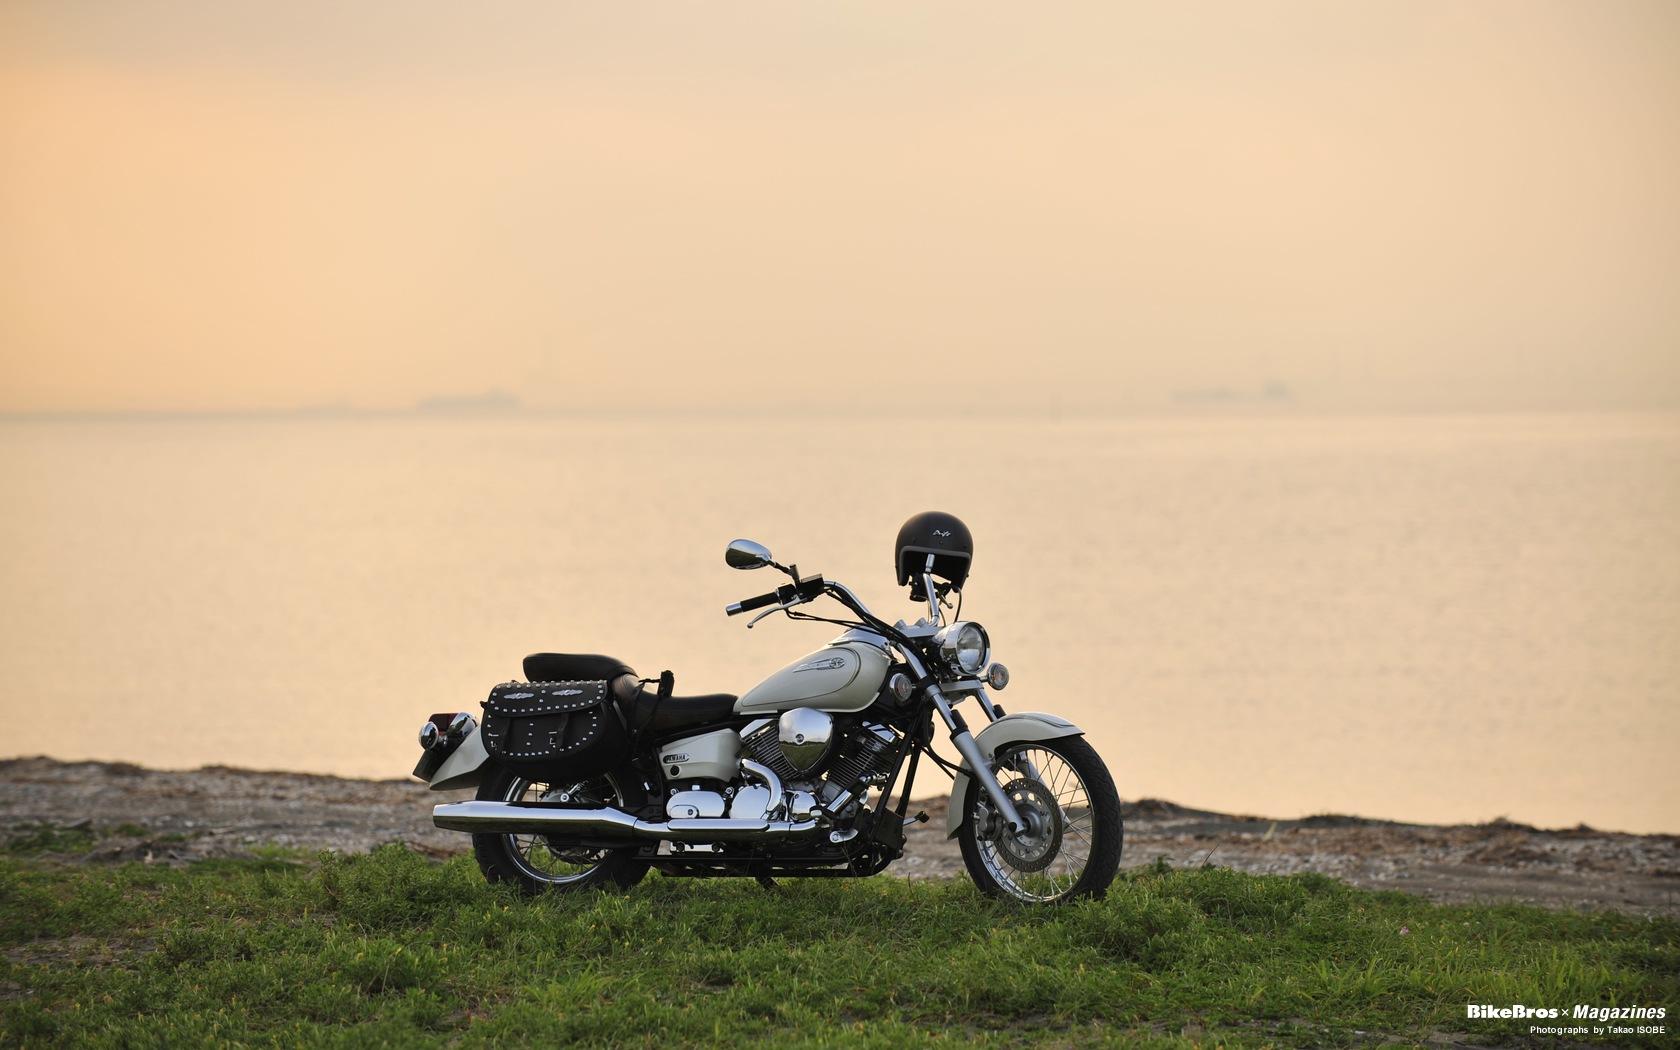 ヤマハ Dragstar250 バイク壁紙集 最新のアメリカン クルーザーの